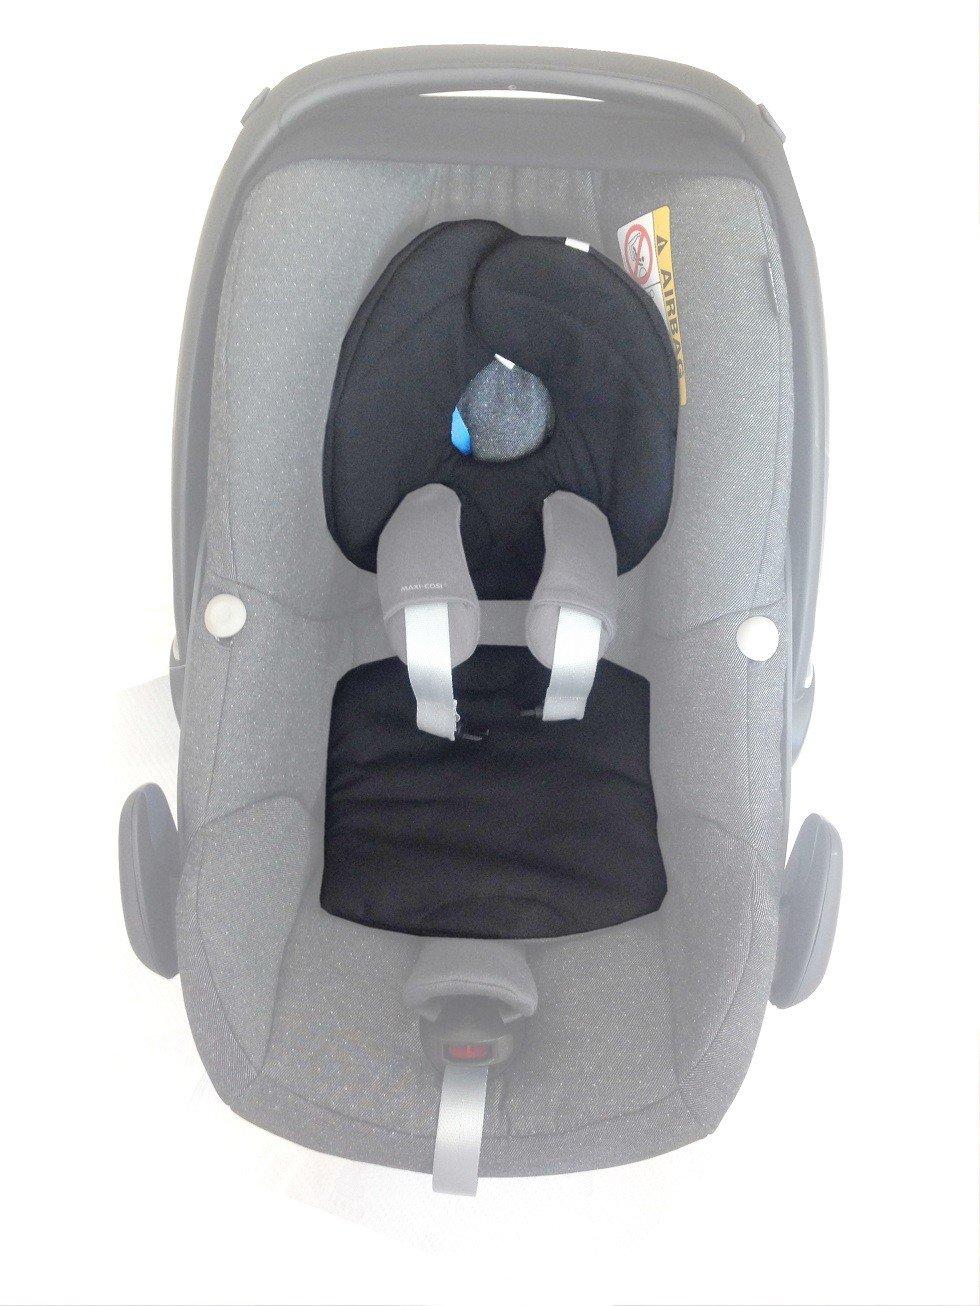 Maxi Cosi Pebble appui-tête & Réducteur d'assise en noir Herstellernr. (MPN): 96300160